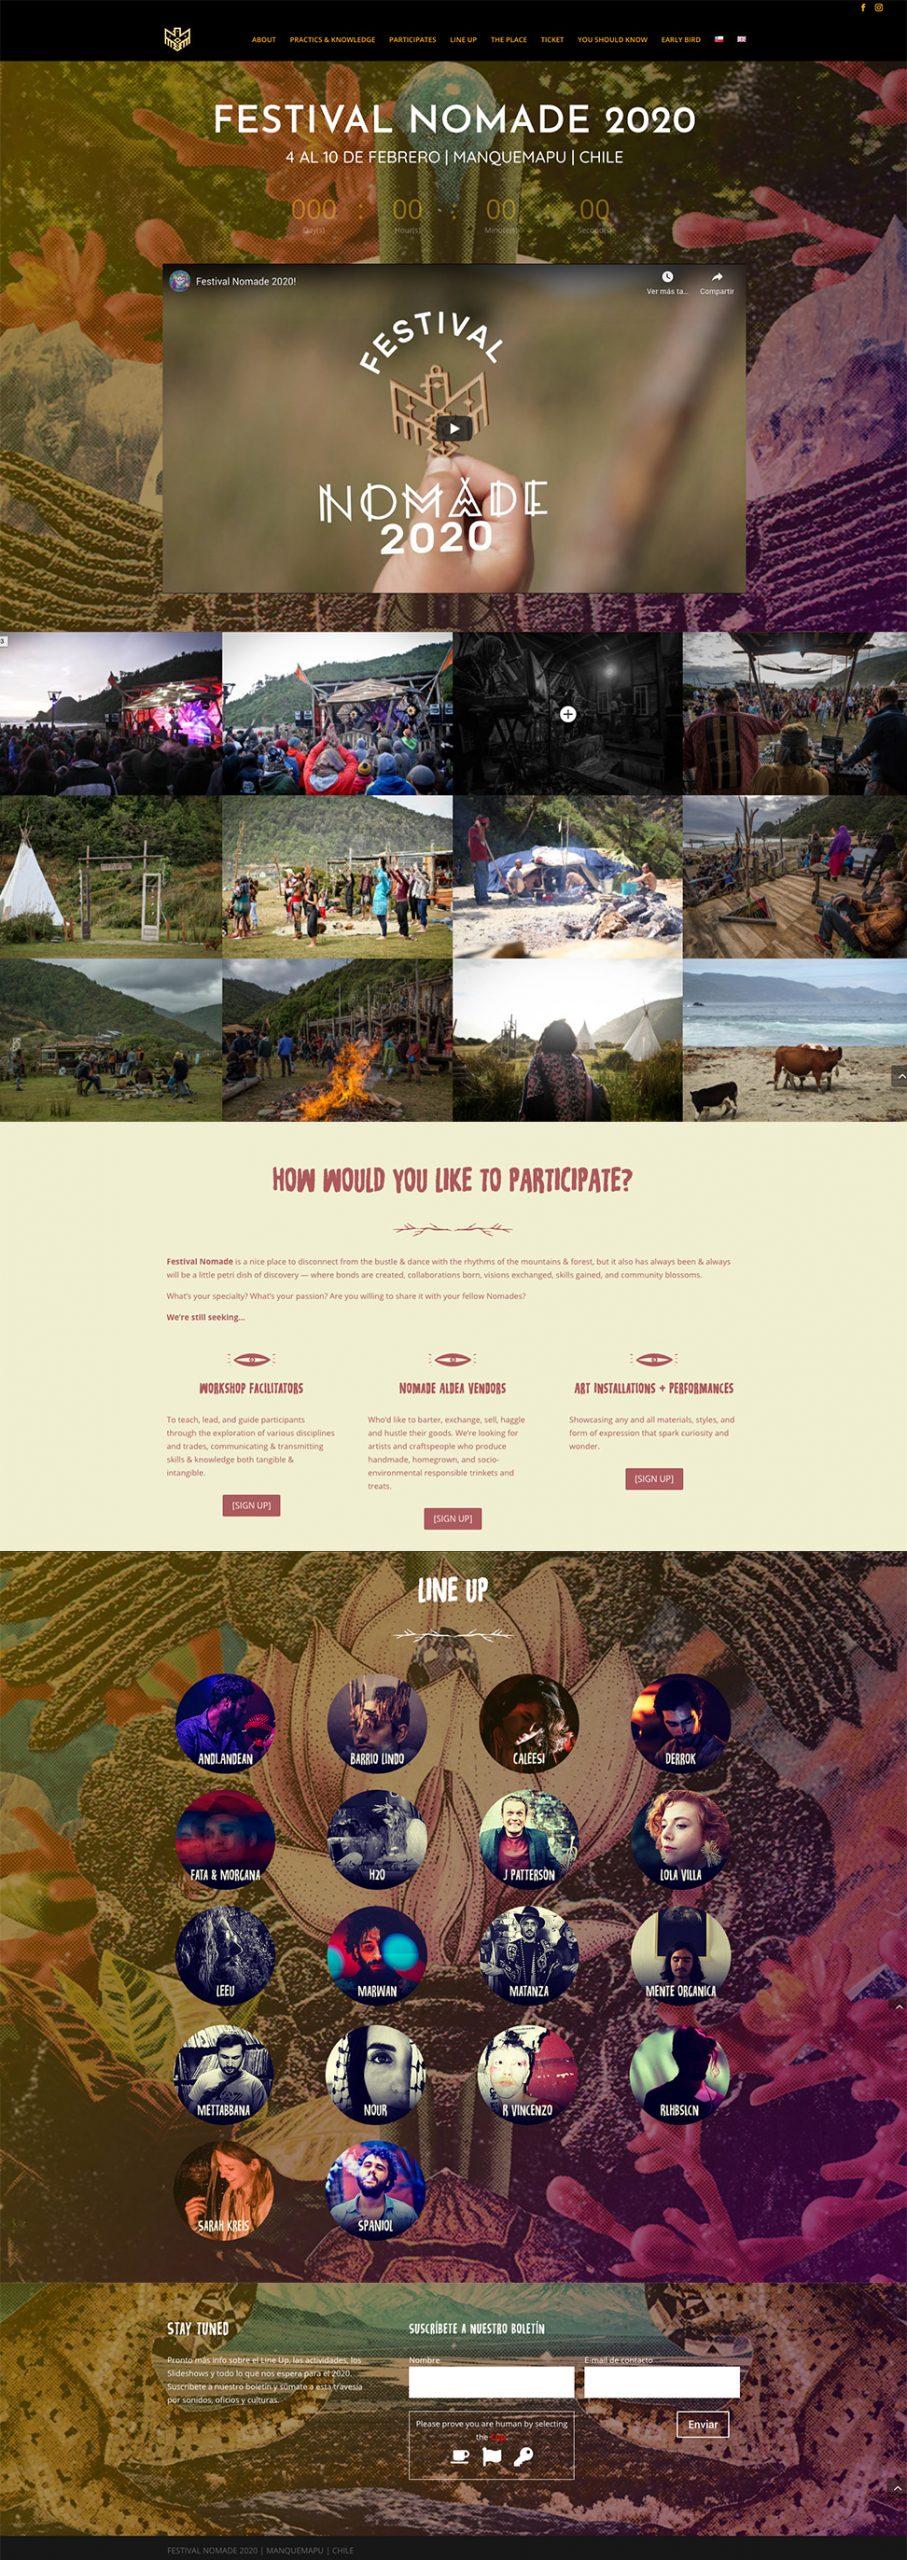 festival_nomade_